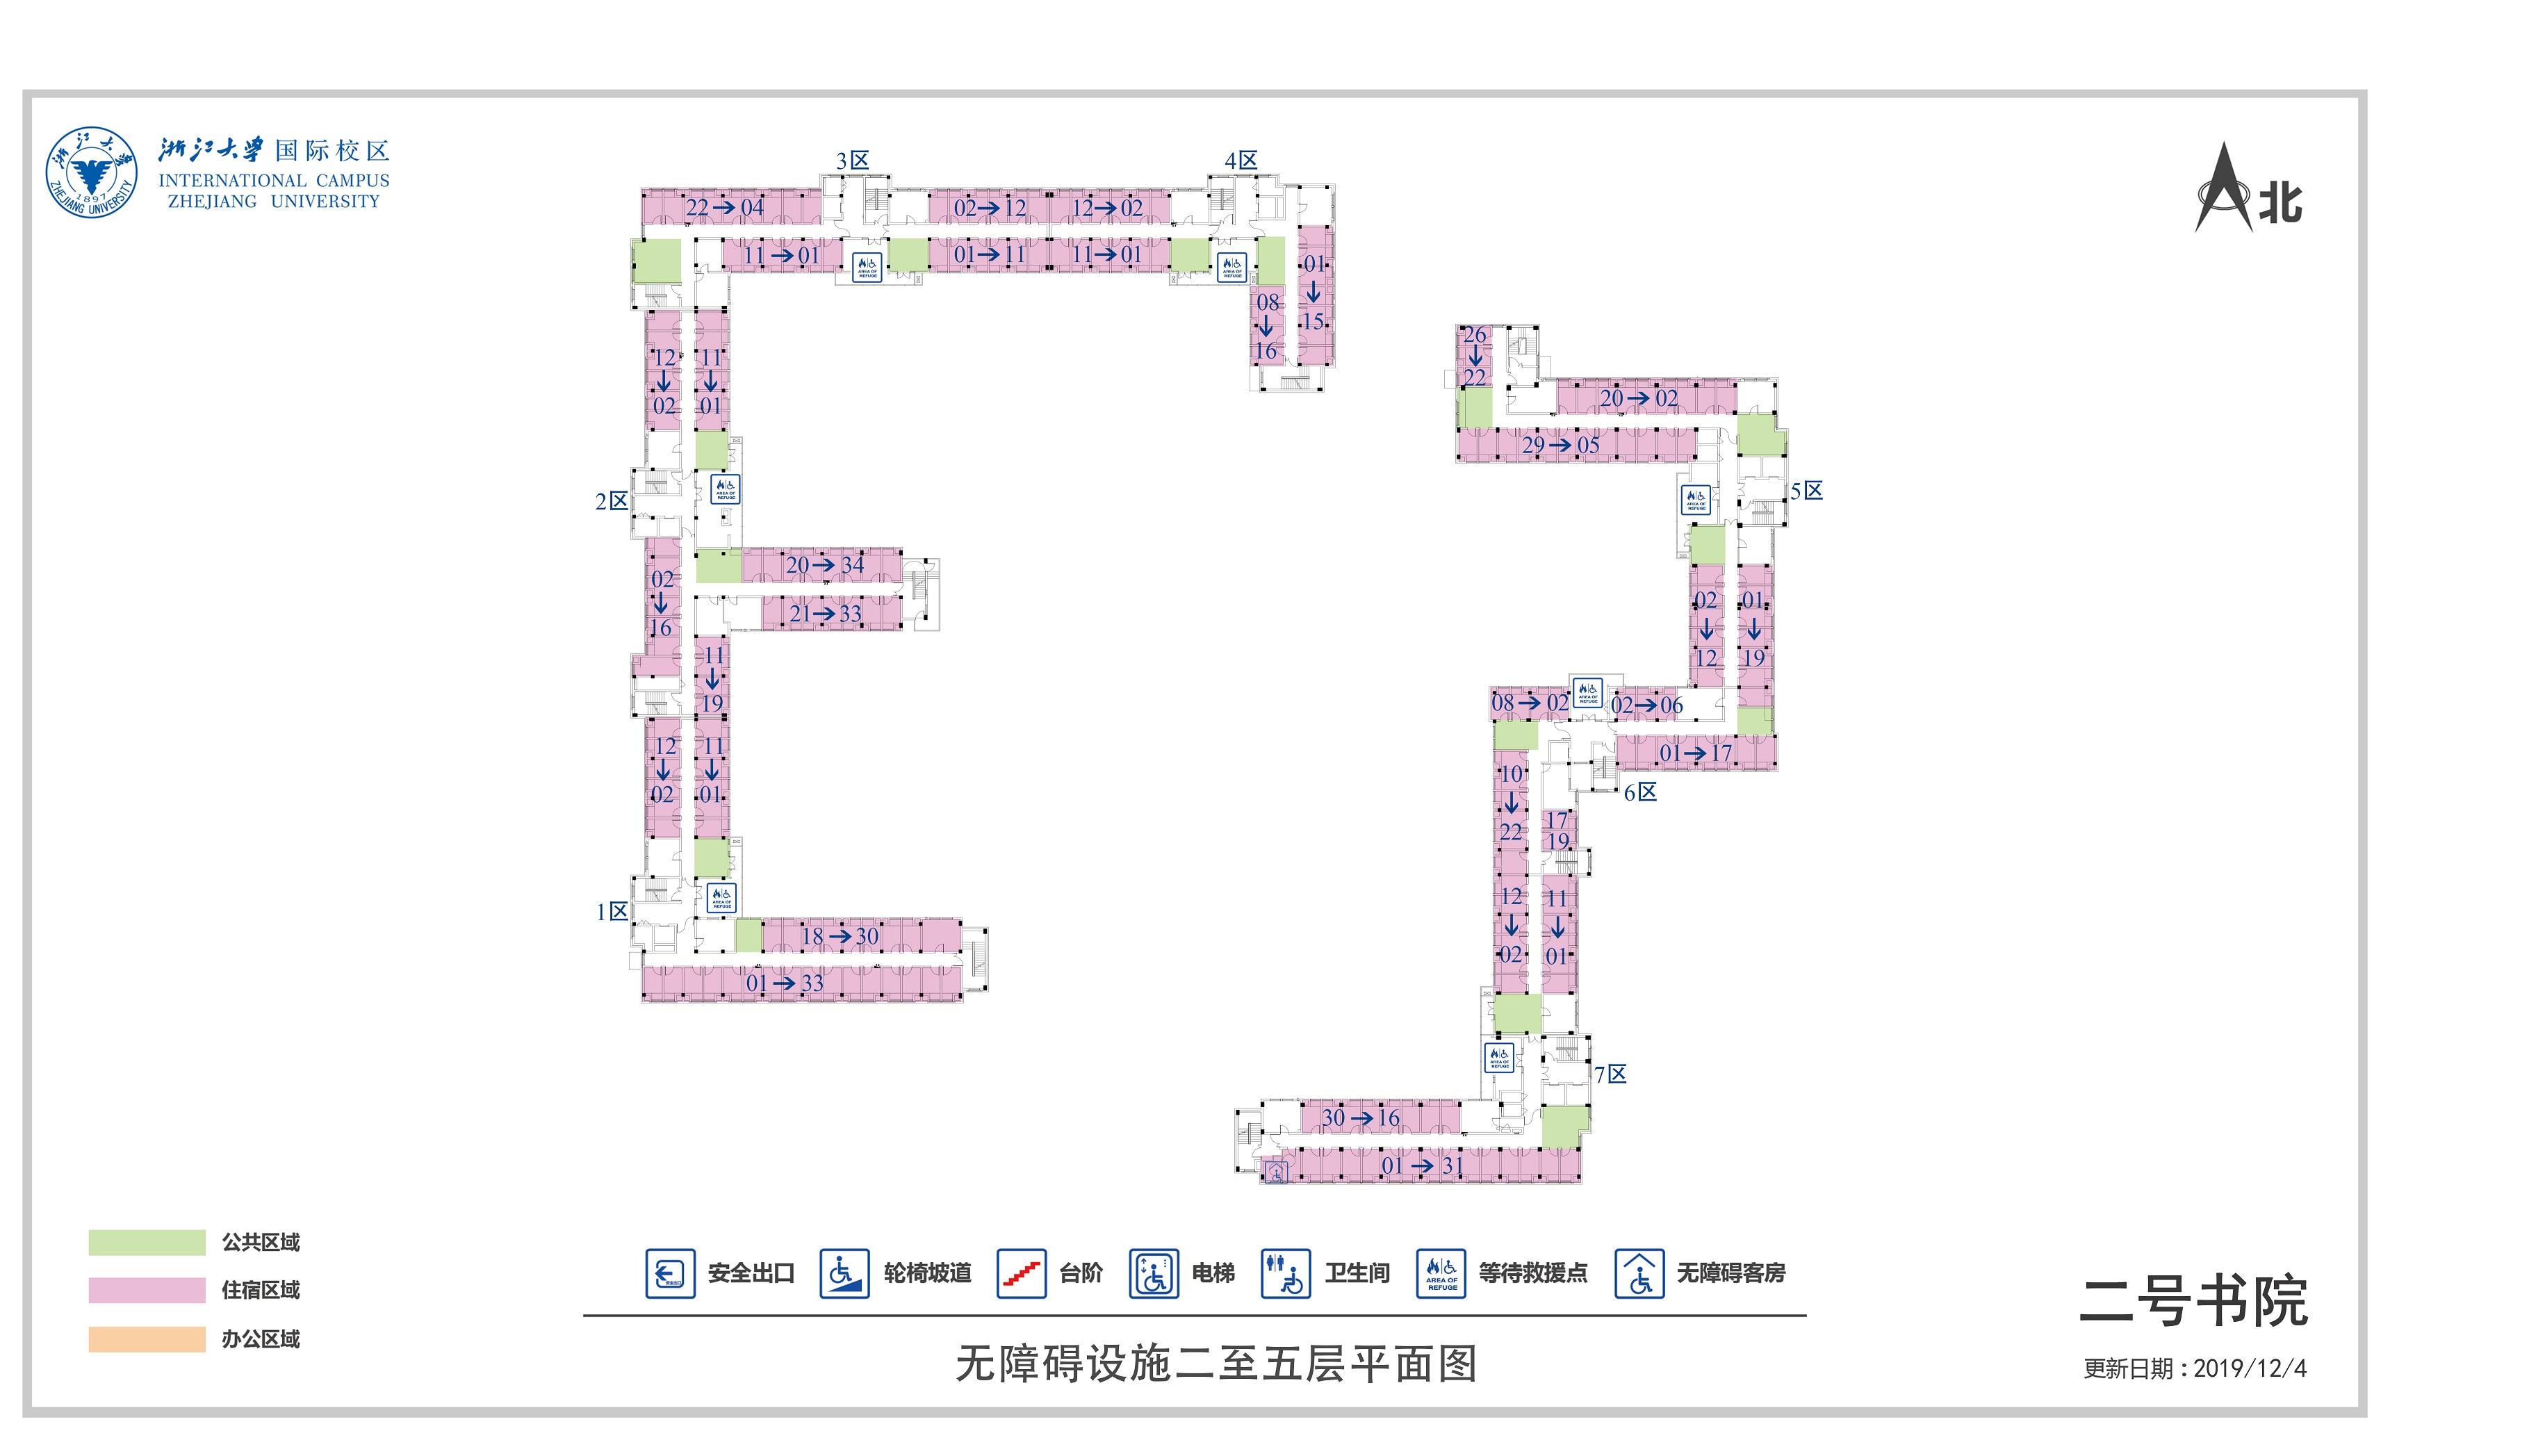 2号书院无障碍设施二至五层平面图.jpg